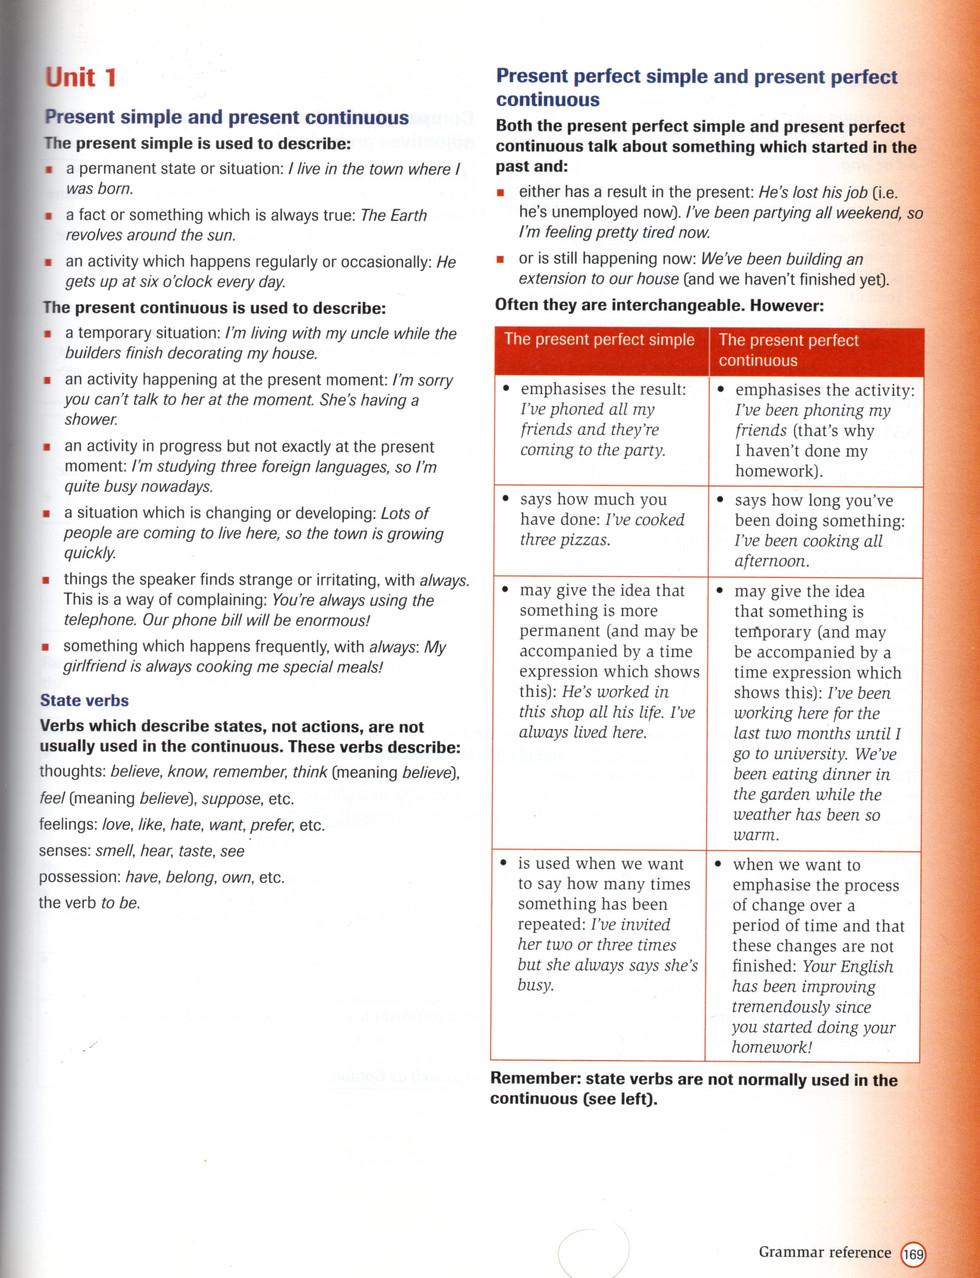 Libro Cambridge First Gramatica001.jpg